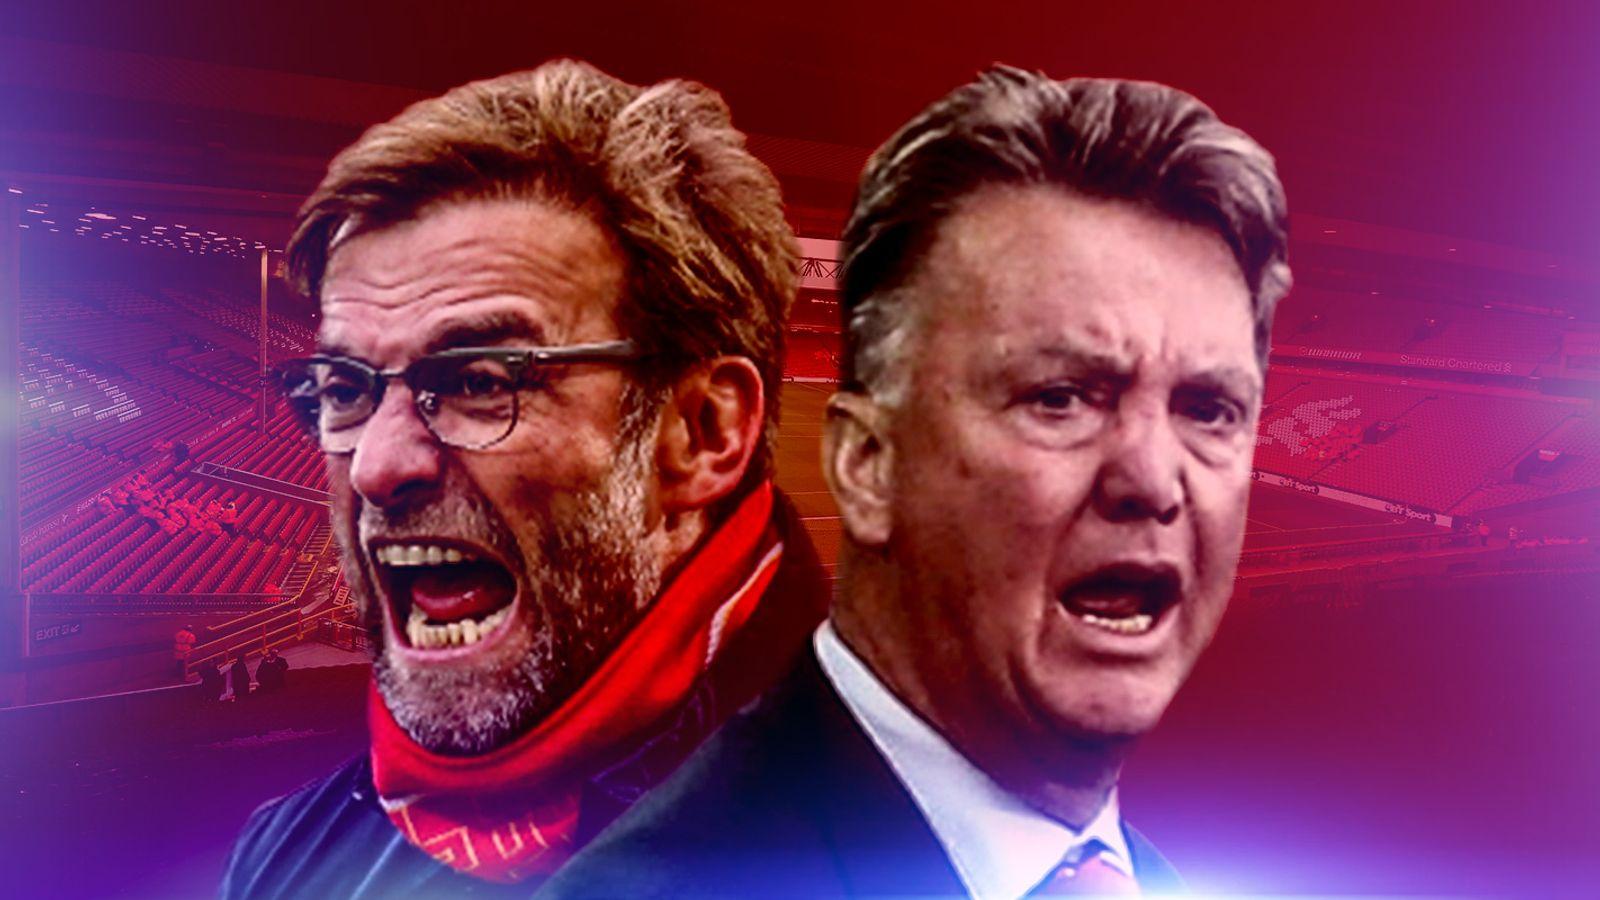 Jurgen Klopp And Louis Van Gaal To Renew Rivalry When